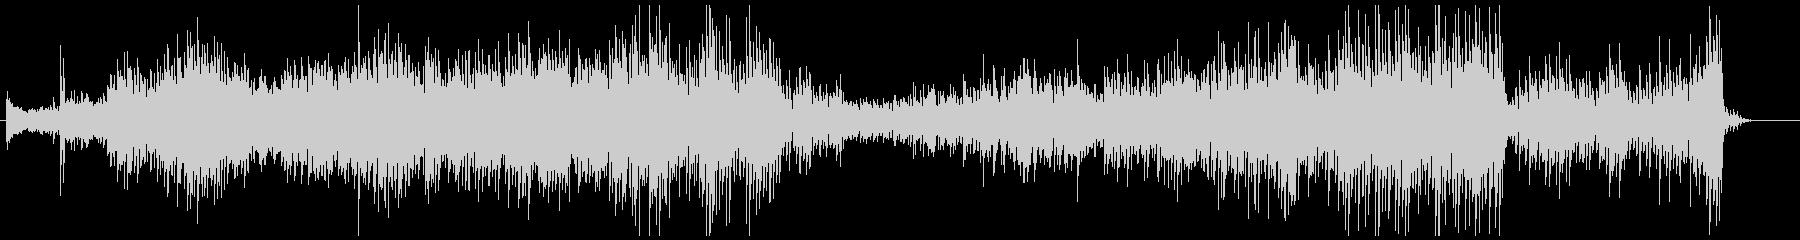 事件・潜入のイメージのスリリングなBGMの未再生の波形